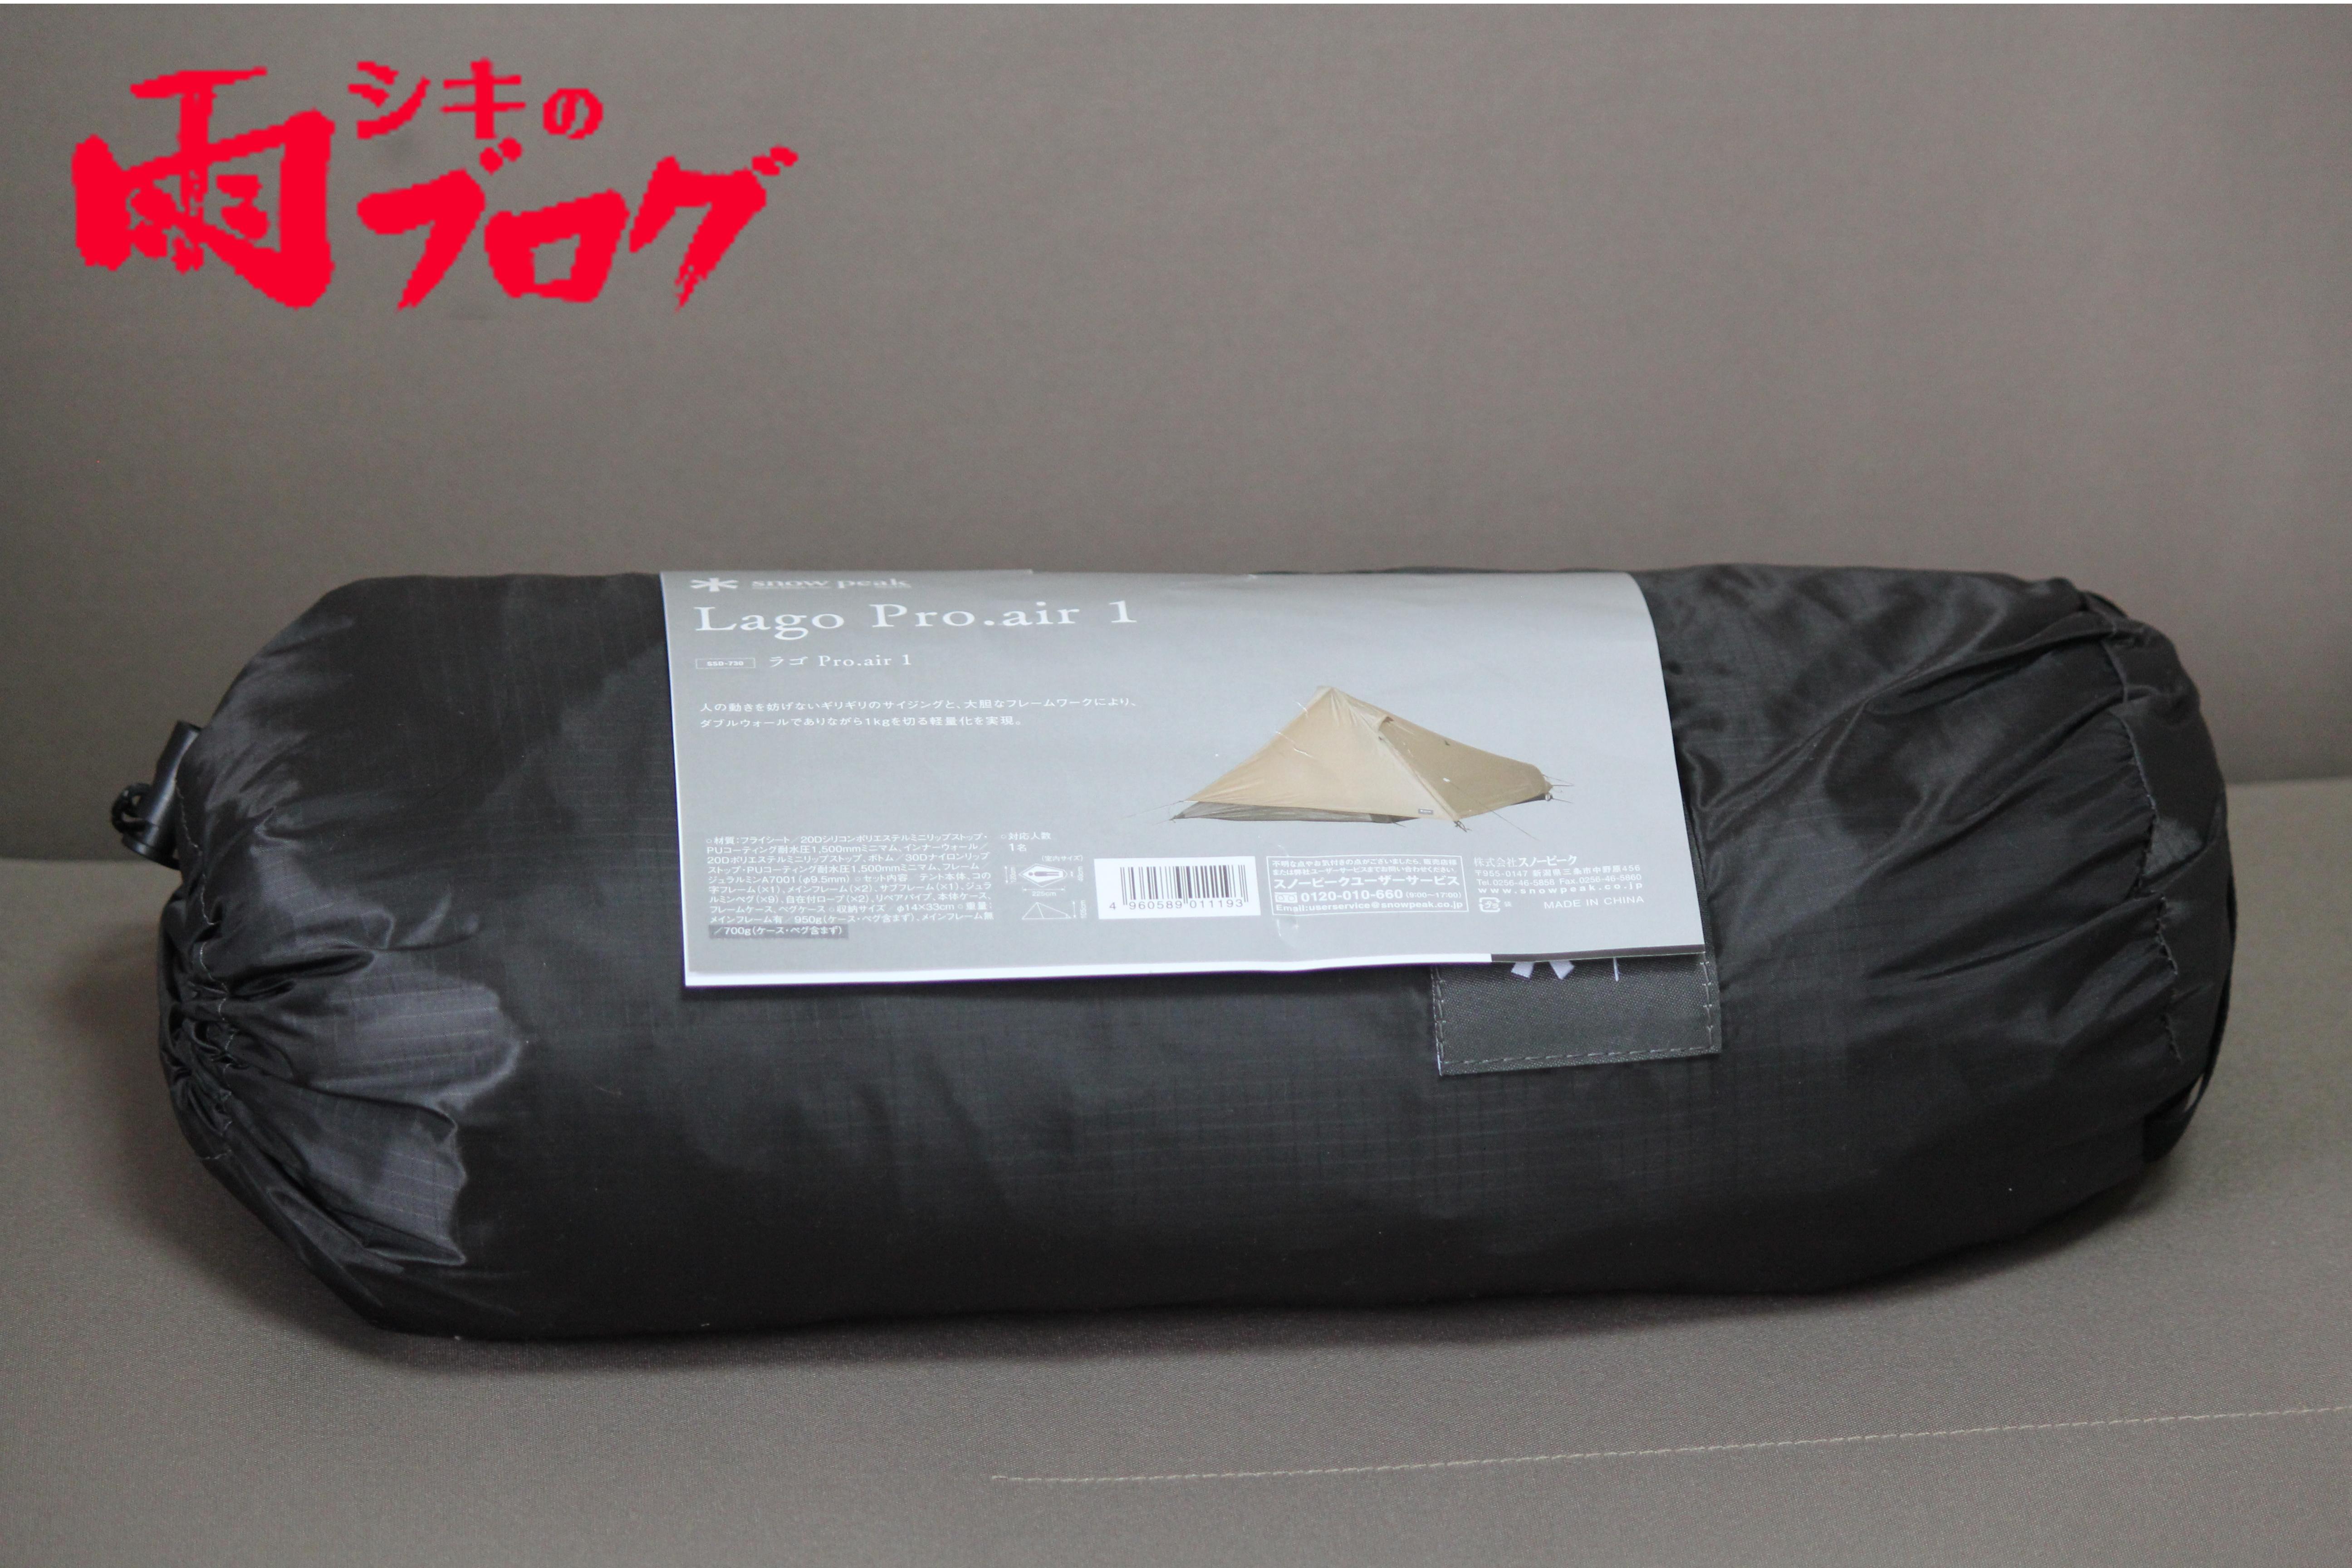 【レビュー】スノーピーク「ラゴPro.air 1」超軽量・コンパクトなテント!